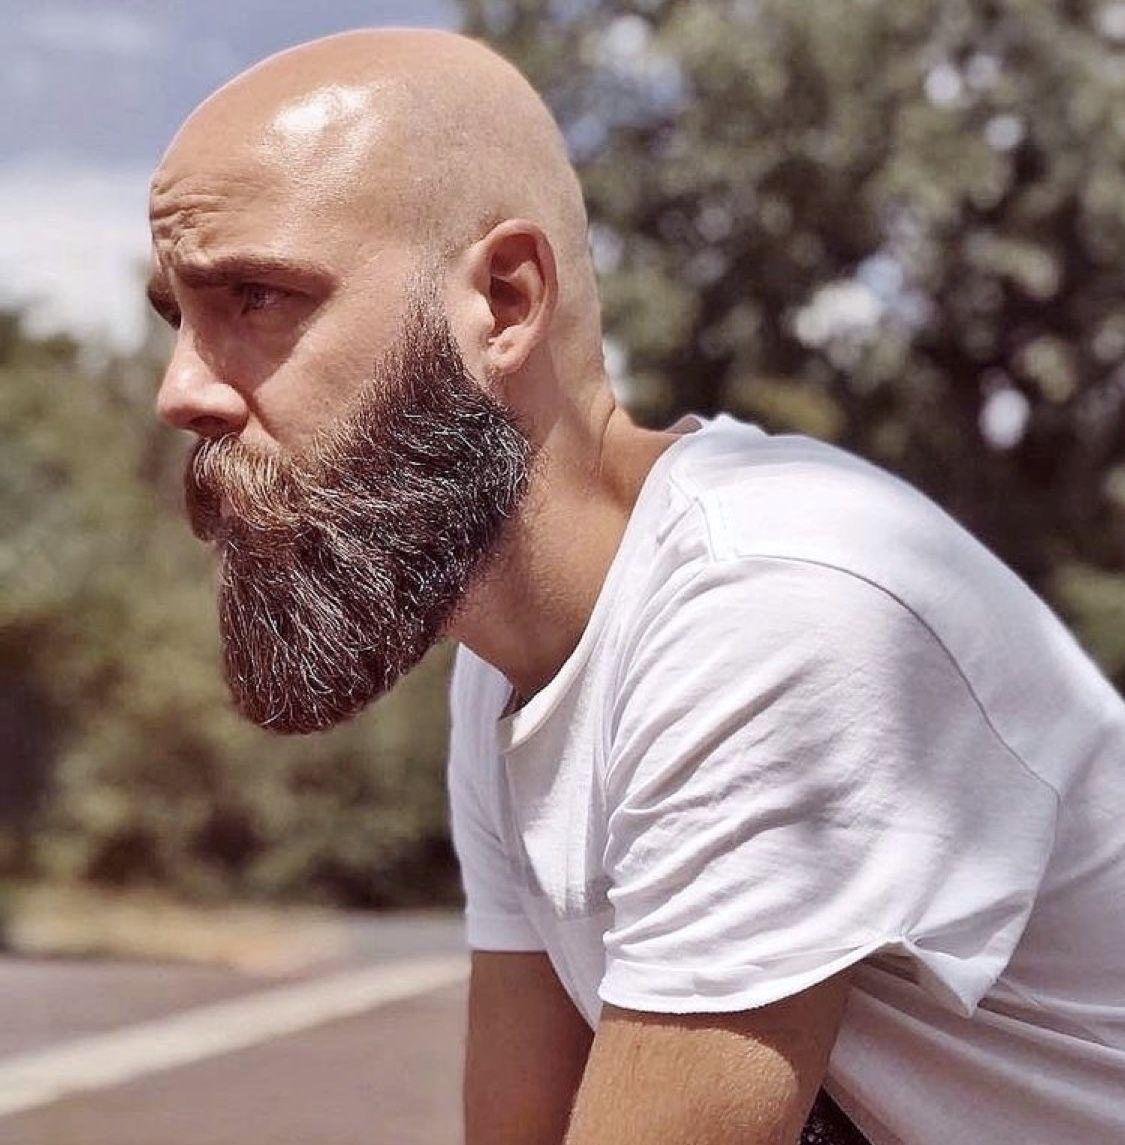 Pin By Kdcardinal On Beards Bald Men With Beards Bald With Beard Beard Styles